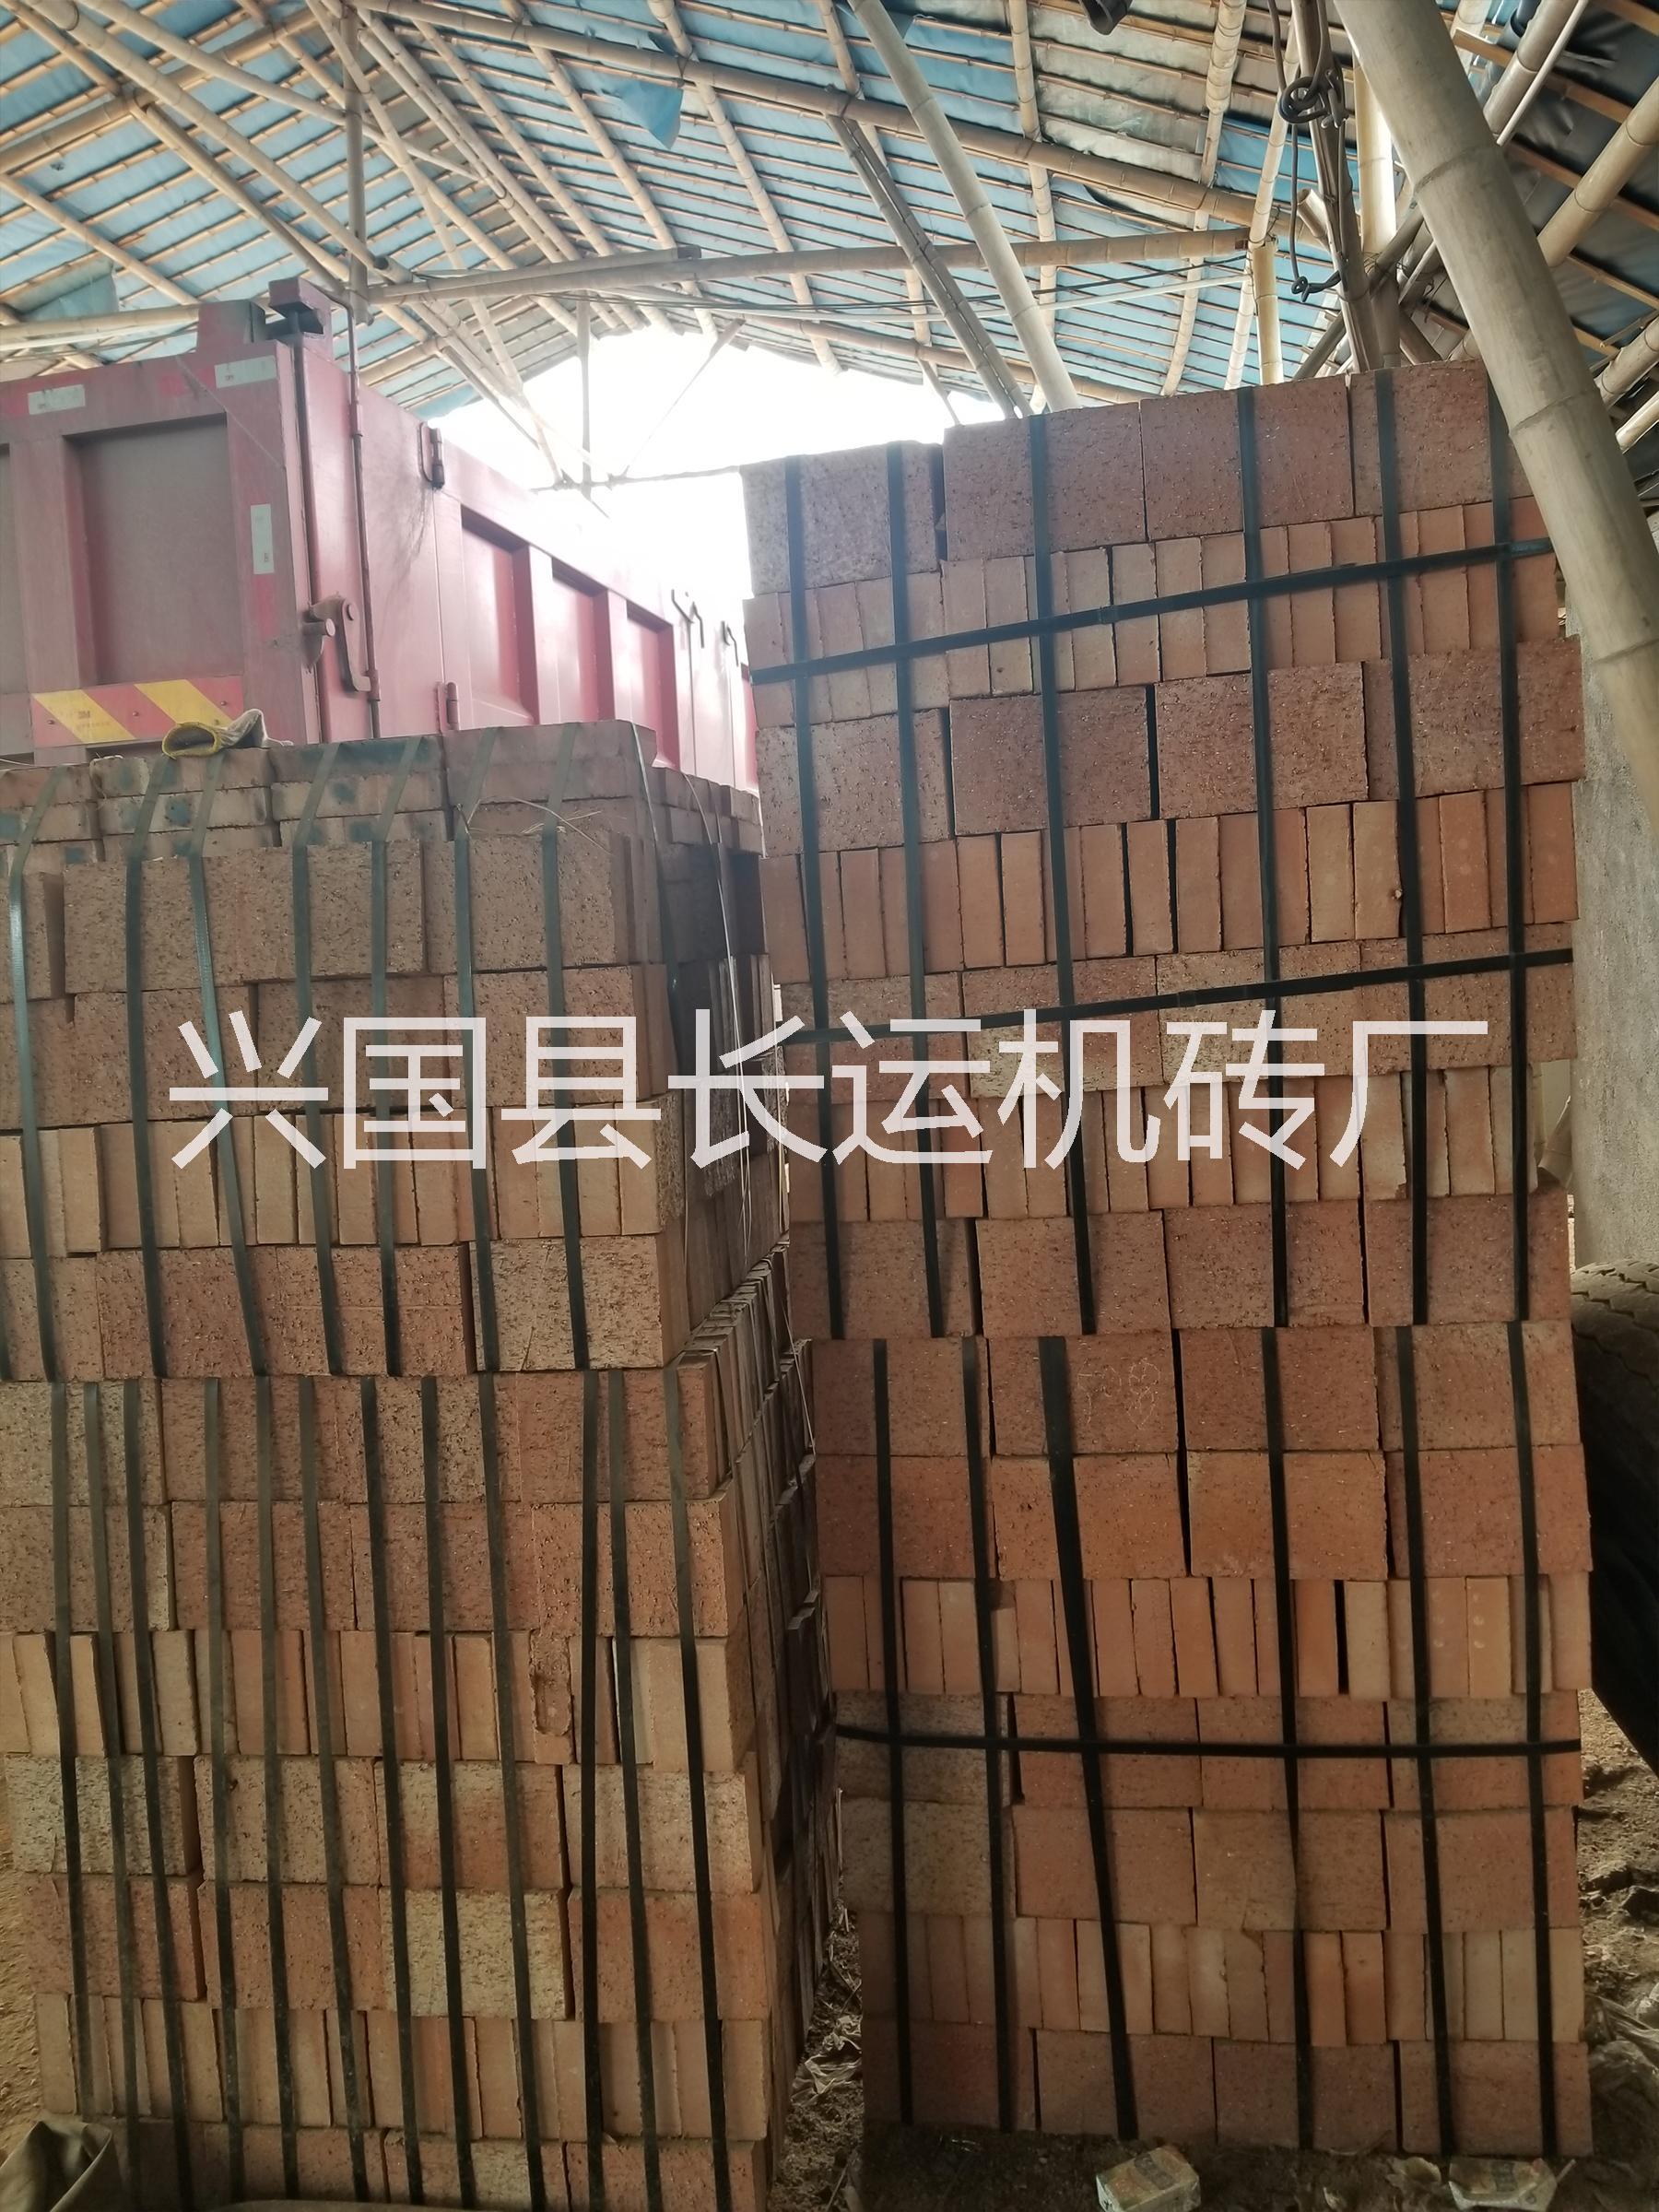 18砖    赣州砖厂家直销    江西砖供应商     赣州砖价格 18砖供应商